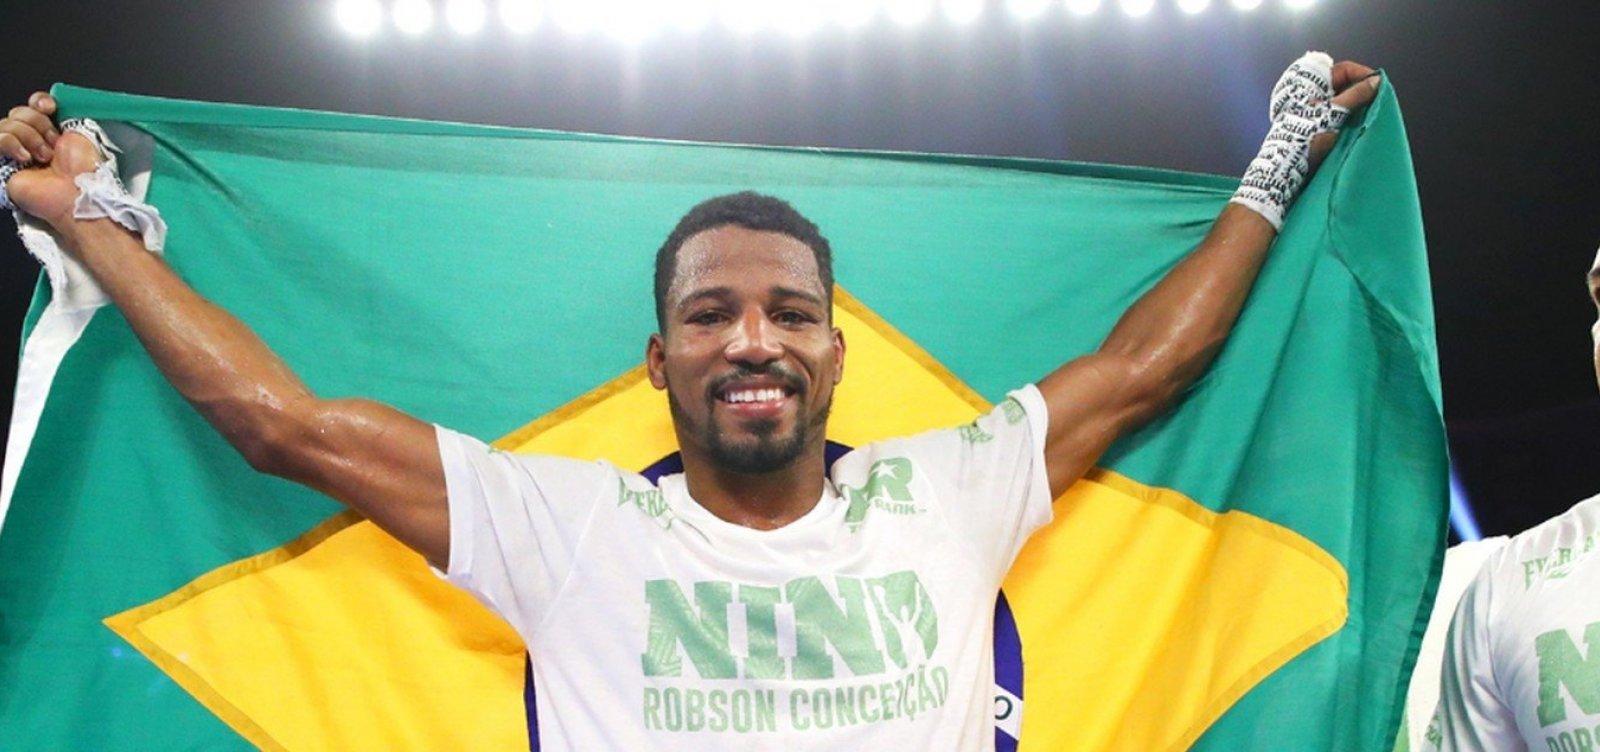 Robson Conceição vence a décima luta seguida e cobra duelo com campeões